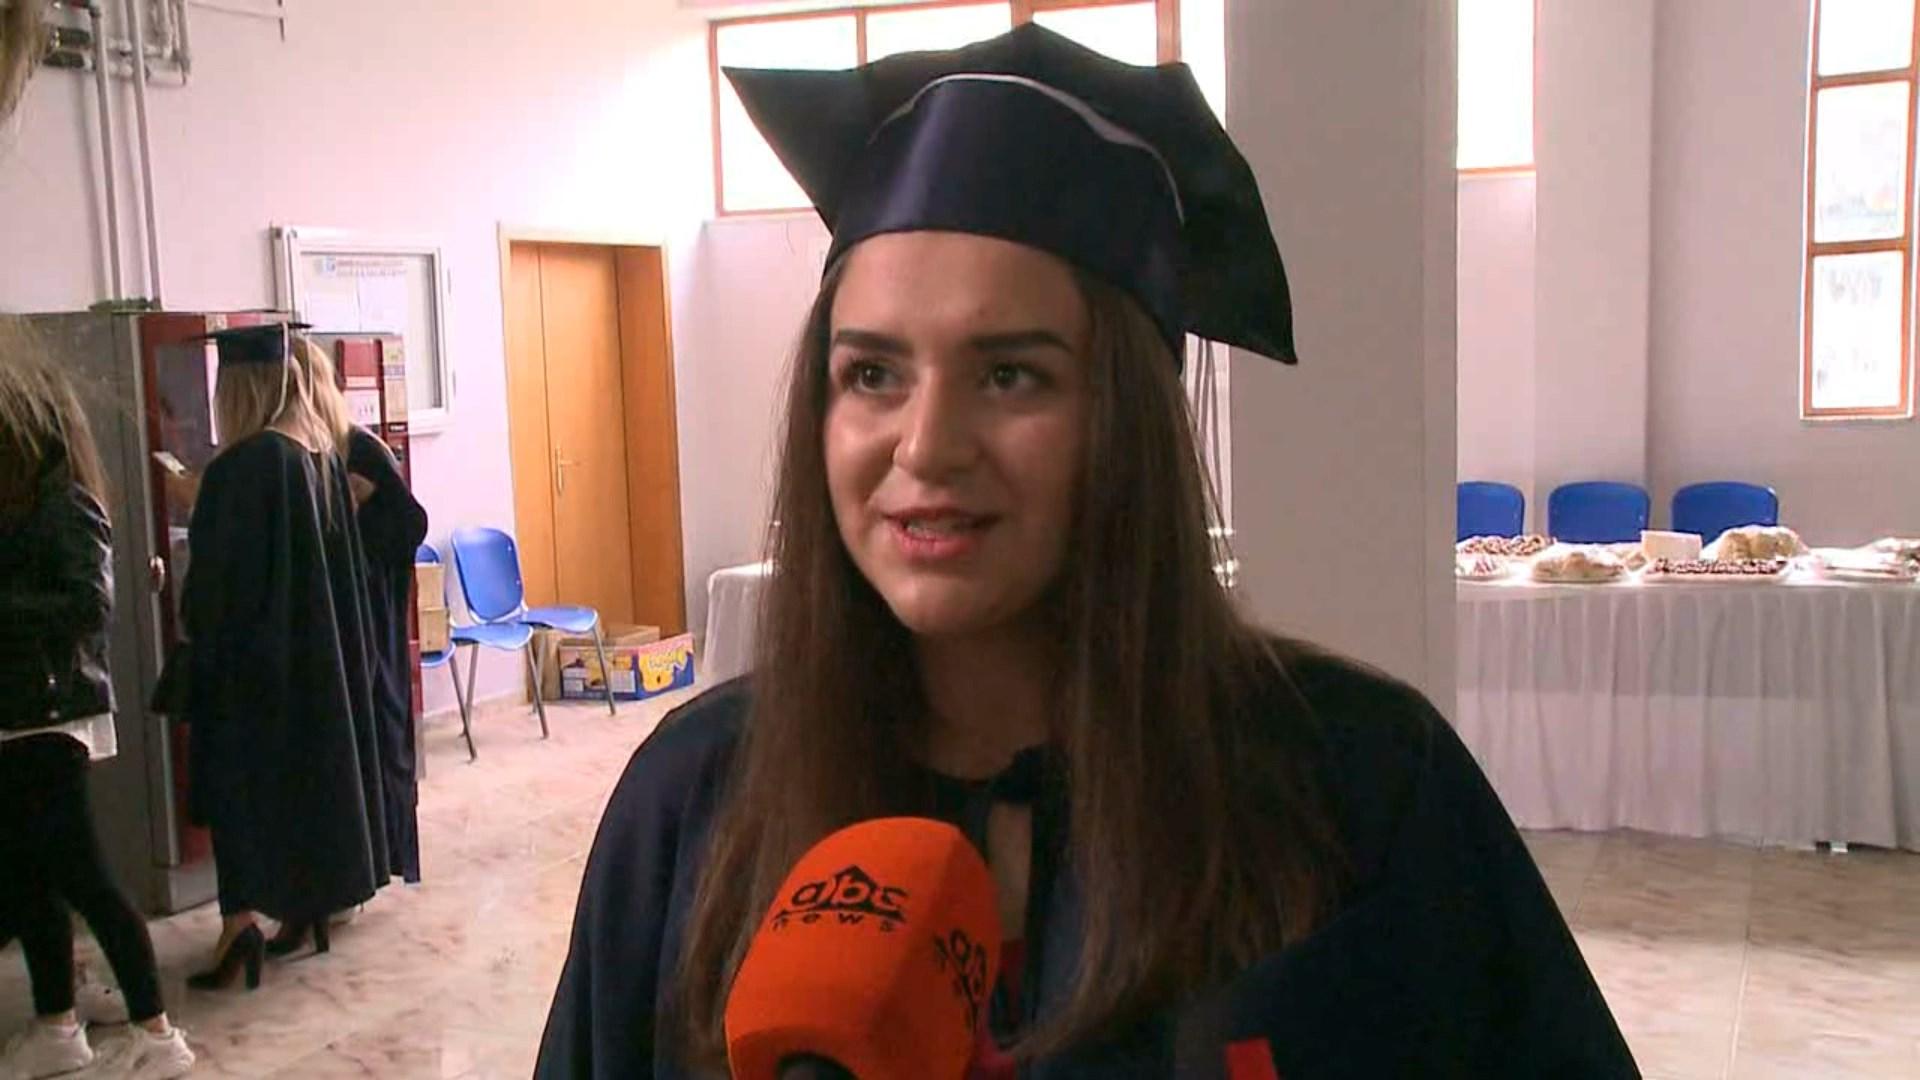 Studentët e sapodiplomuar në Korçë: Ja pritshmëritë për punësimin dhe fitimet